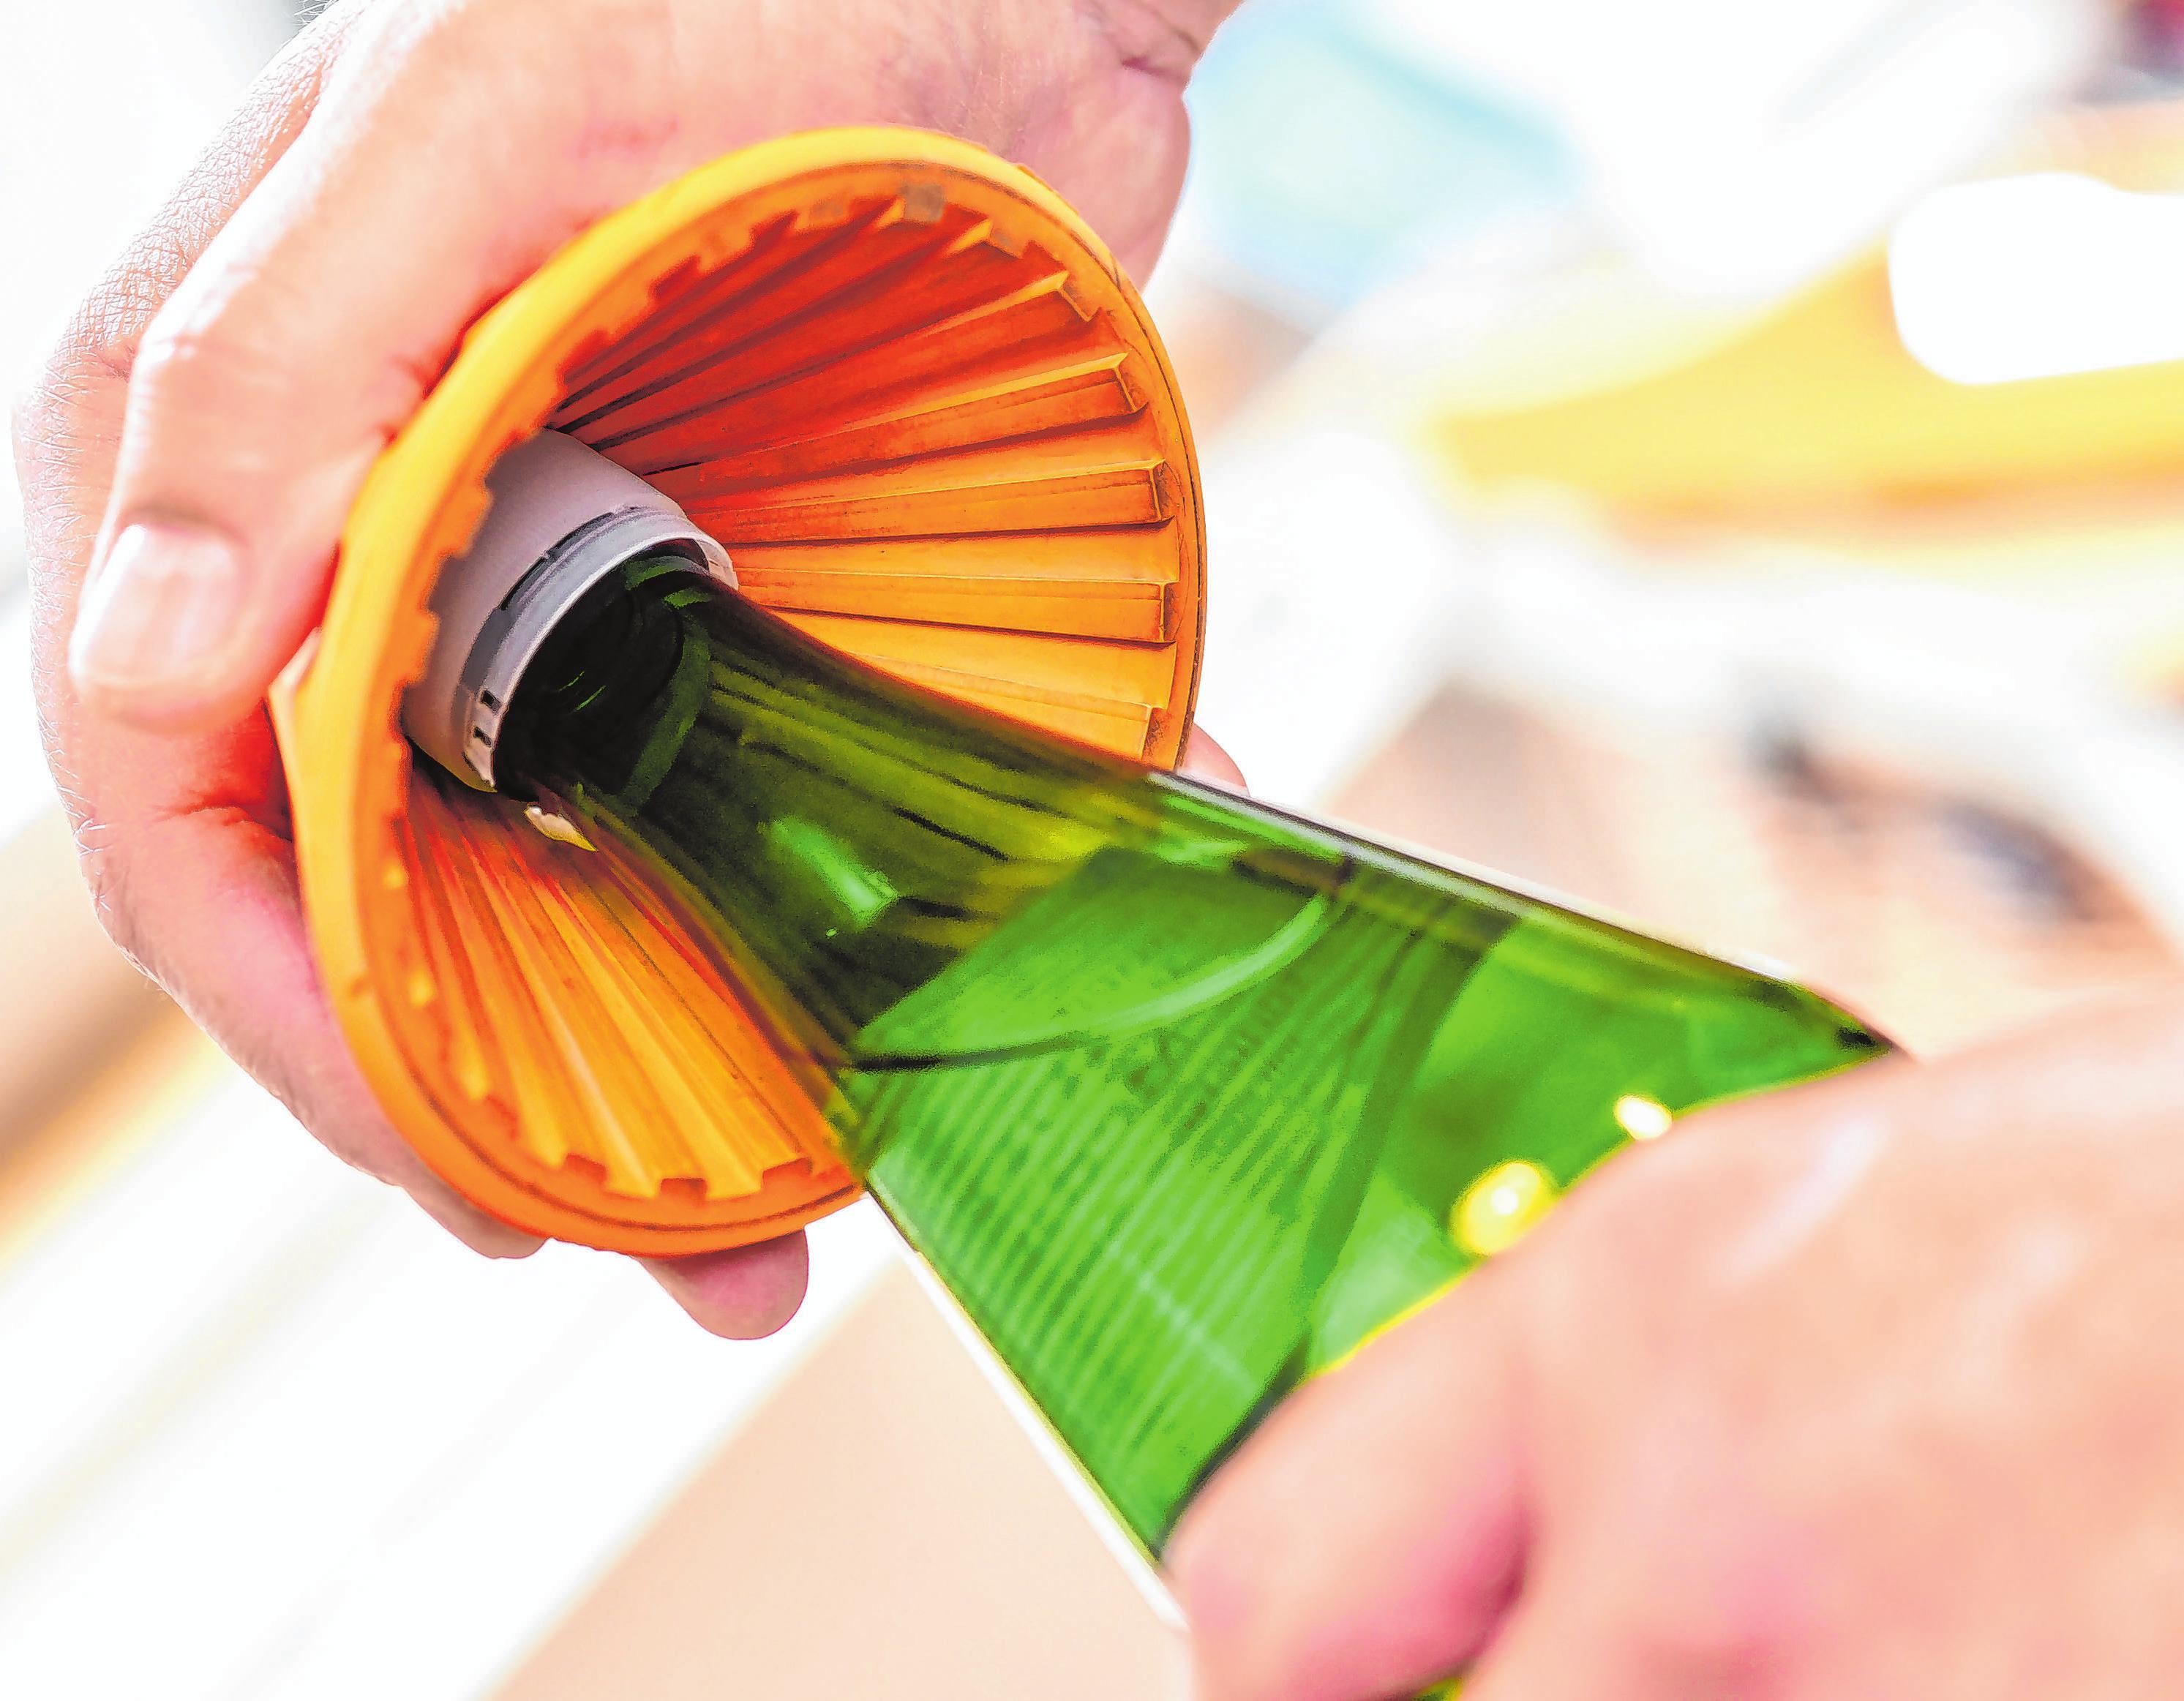 Mit Hilfe dieses kleinen Trichters wird das Öffnen der Flasche leichter.